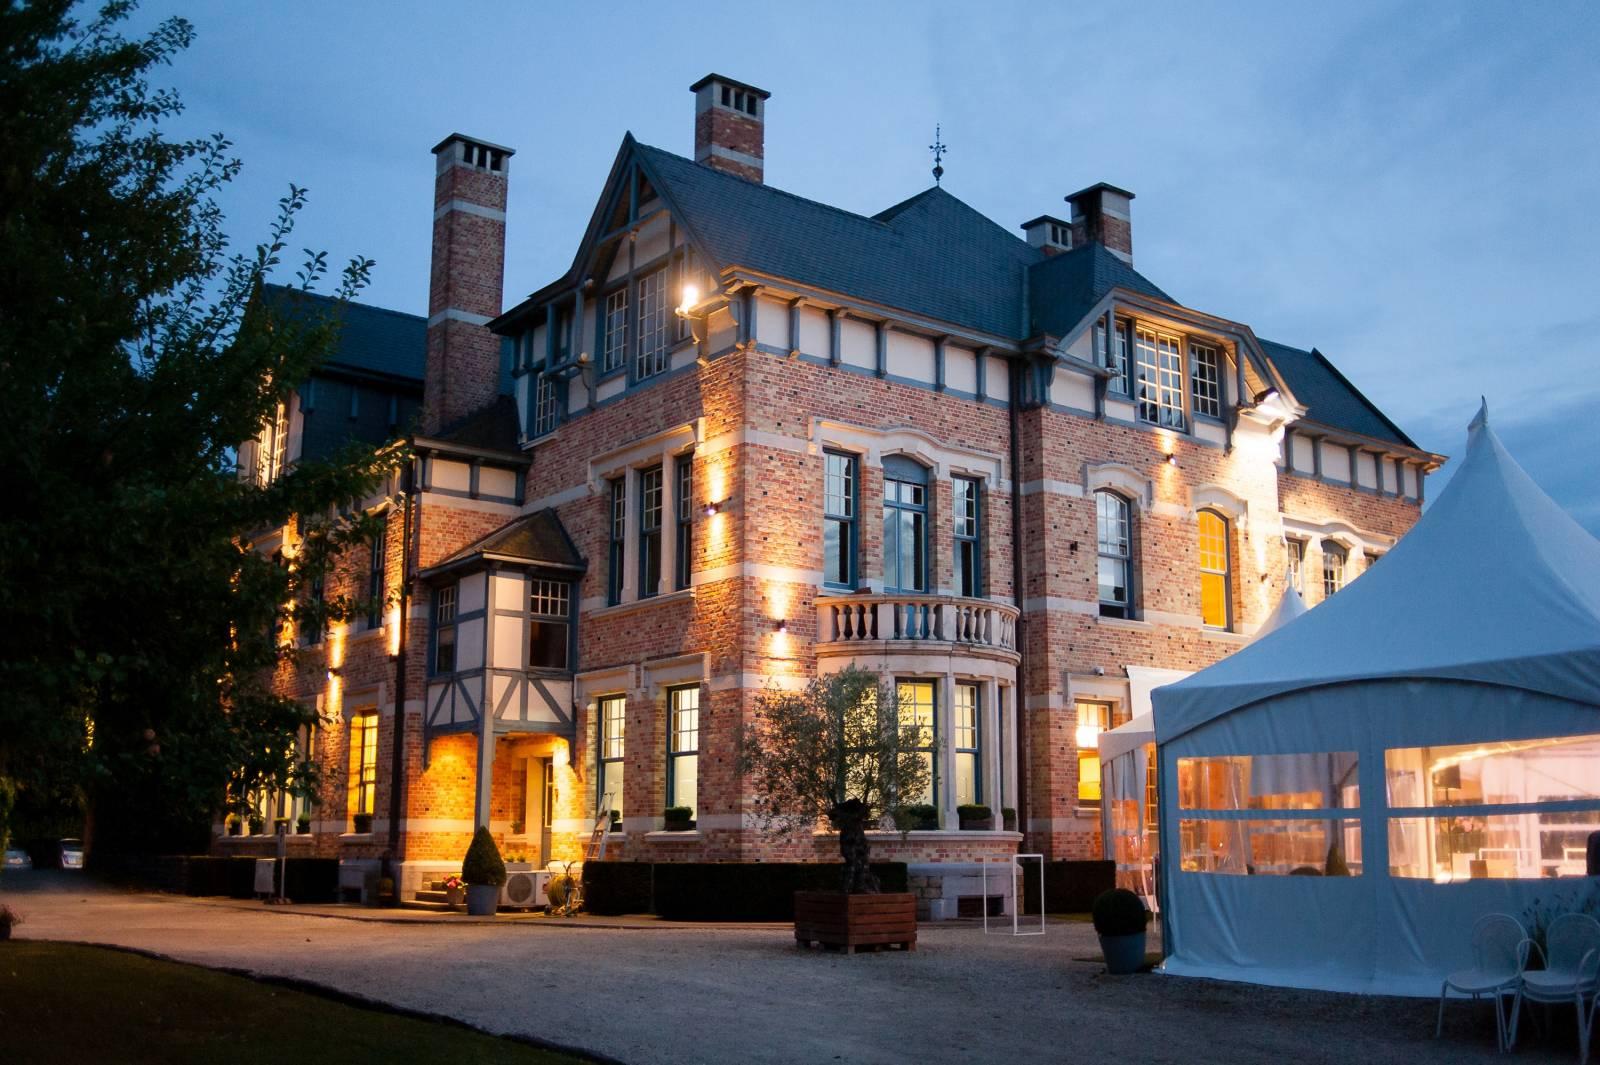 Domein Saint-Hubert - House of Weddings - Feestzaal Oost-Vlaanderen - Ronse - huwelijk - ceremonie cateri (20)